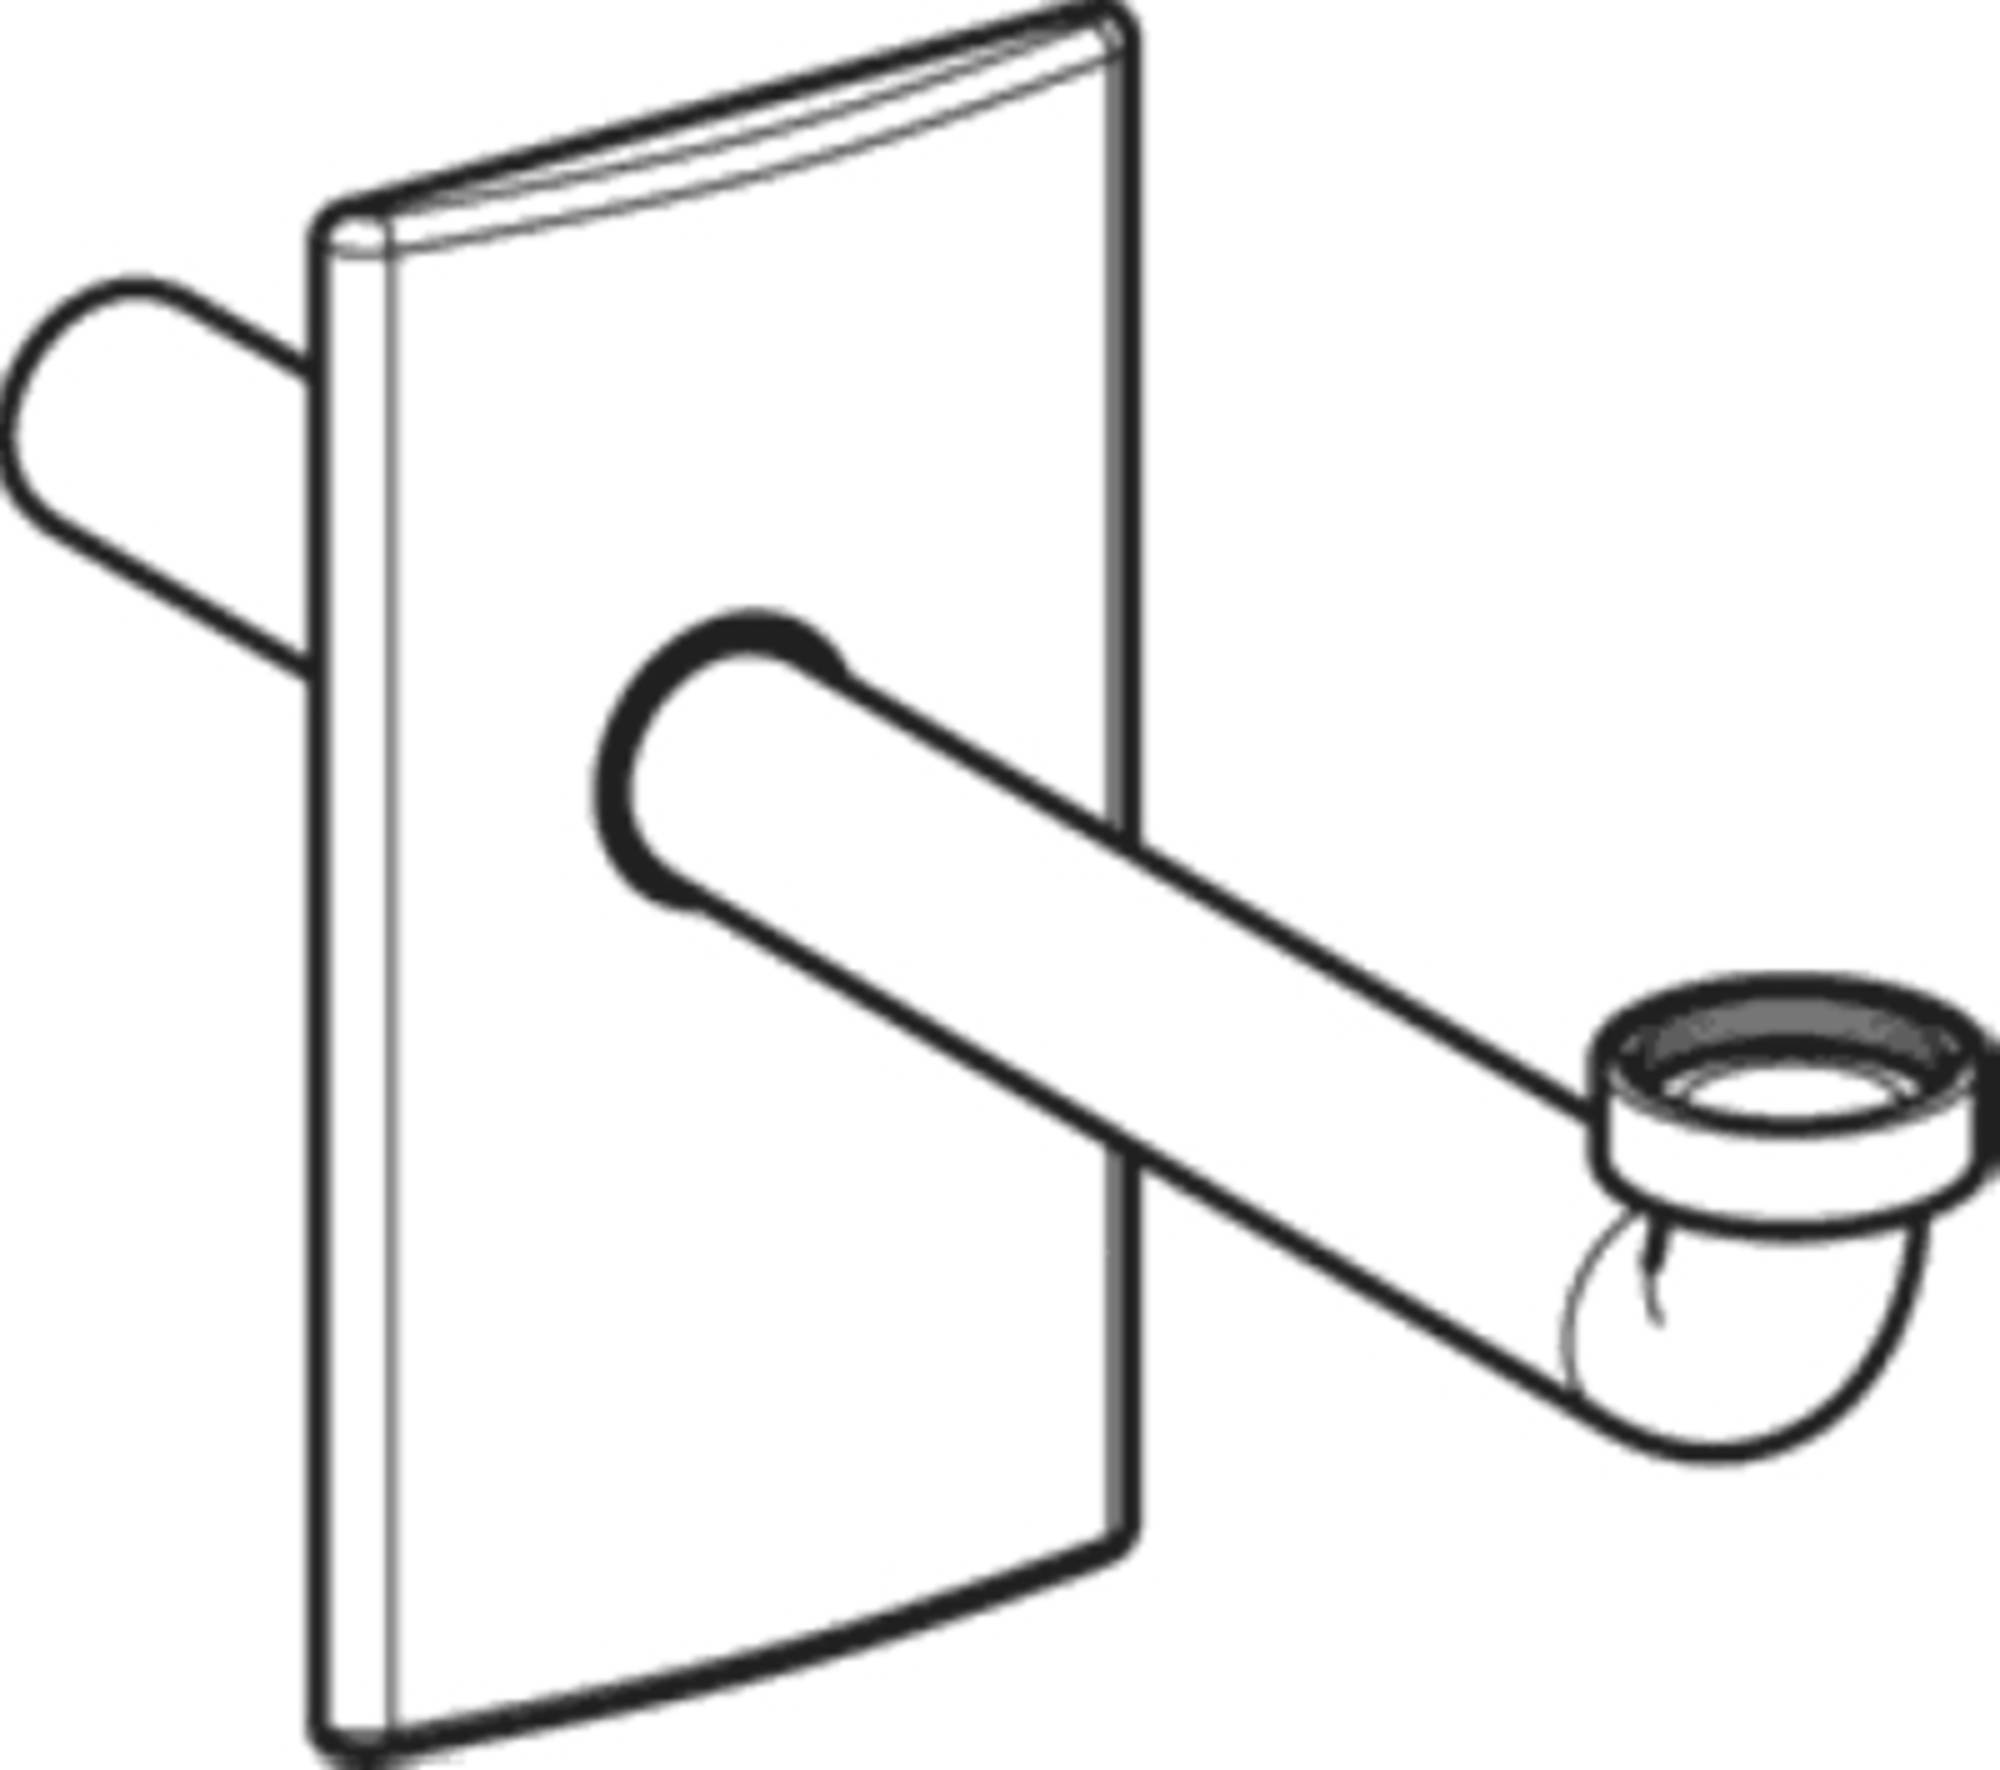 Saniweb korting